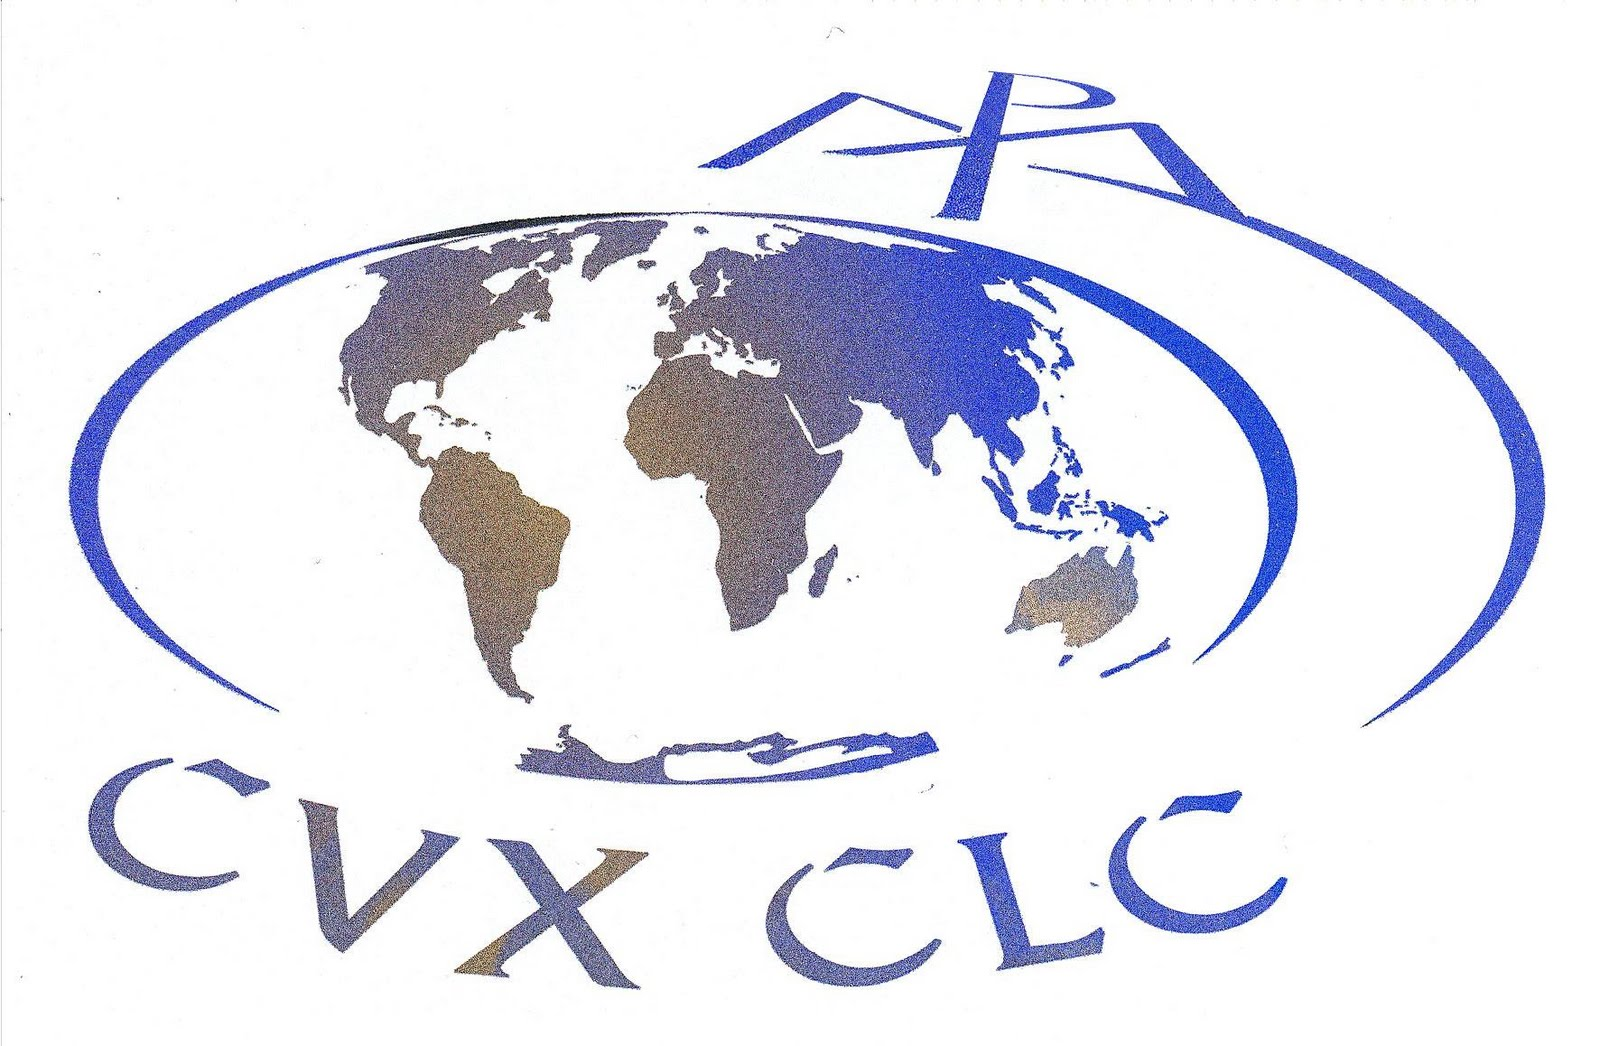 http://www.cvx-clc.net/